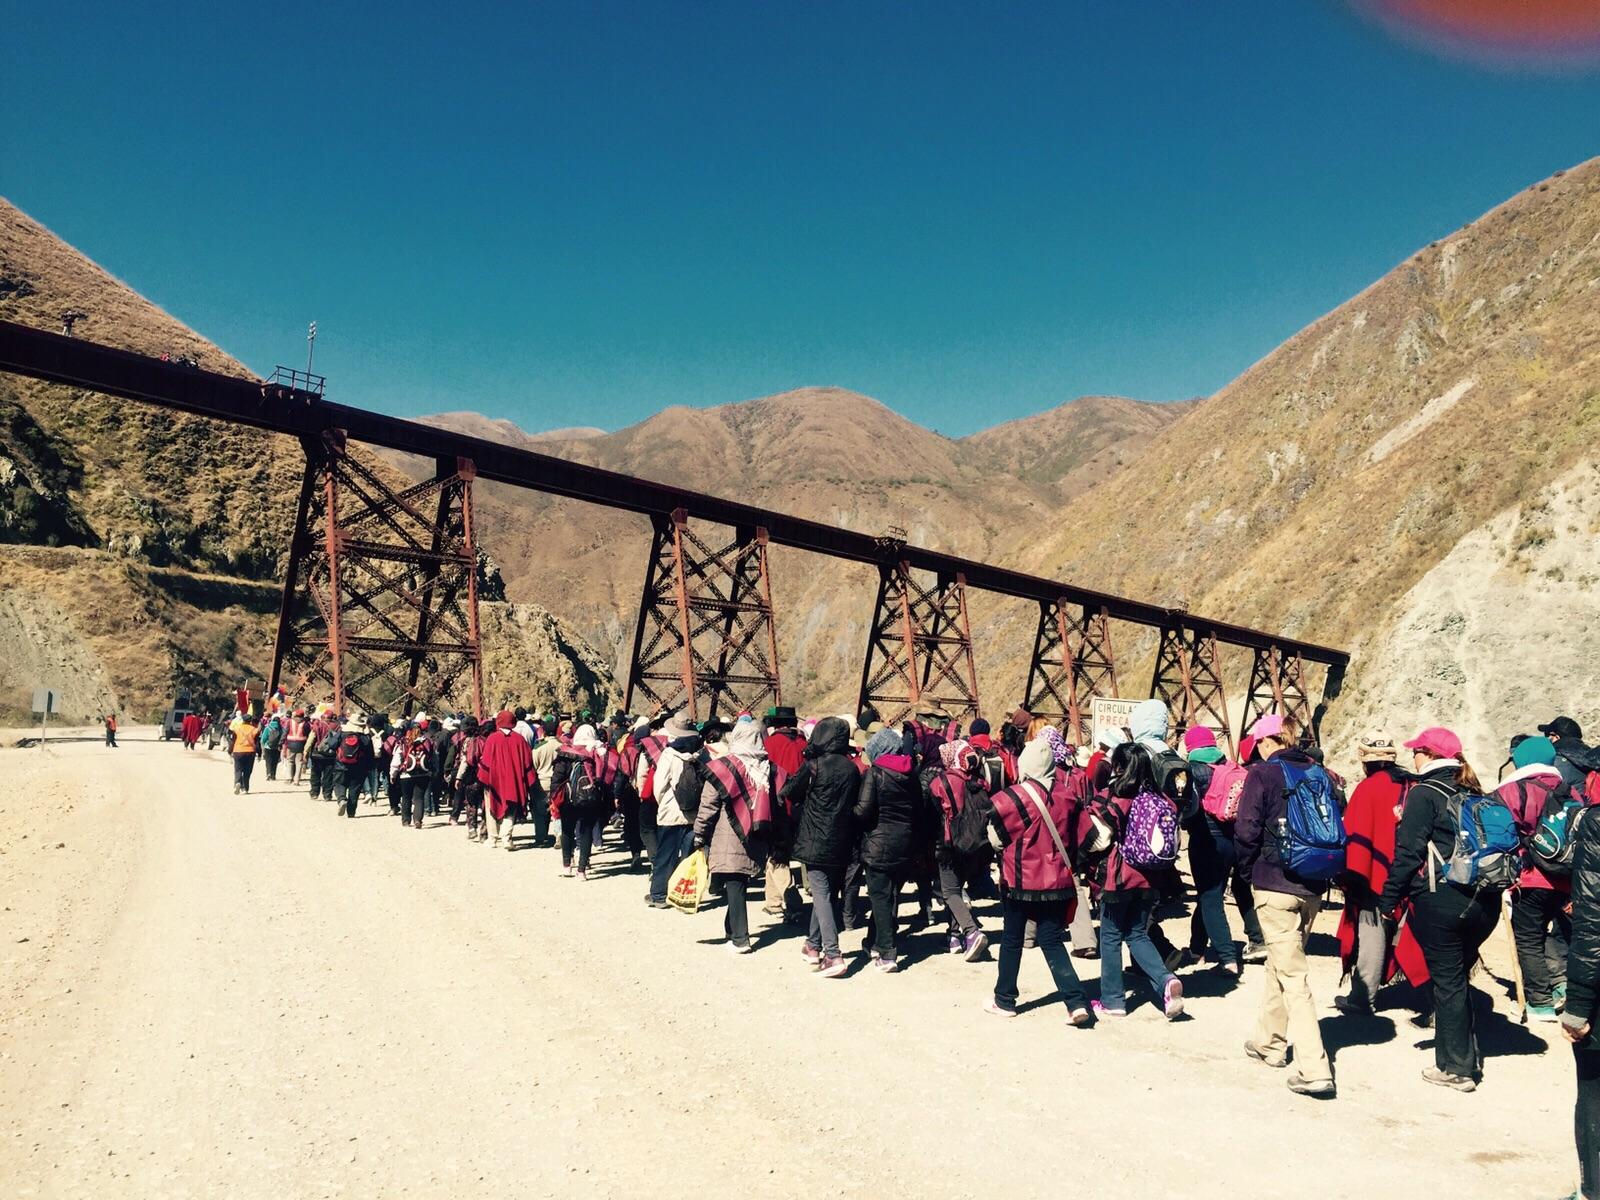 #MilagroenSalta Peregrinos de los Cerros de Rosario de Lerma inician su caminar